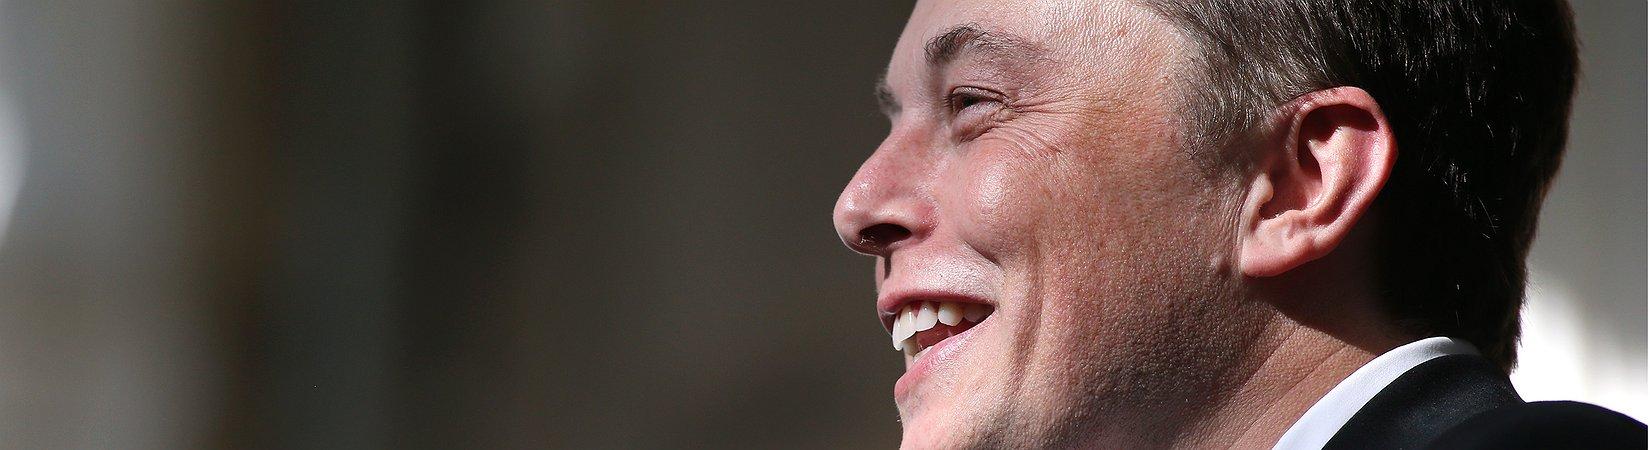 46 años de camino al éxito: La historia de Elon Musk en fotos